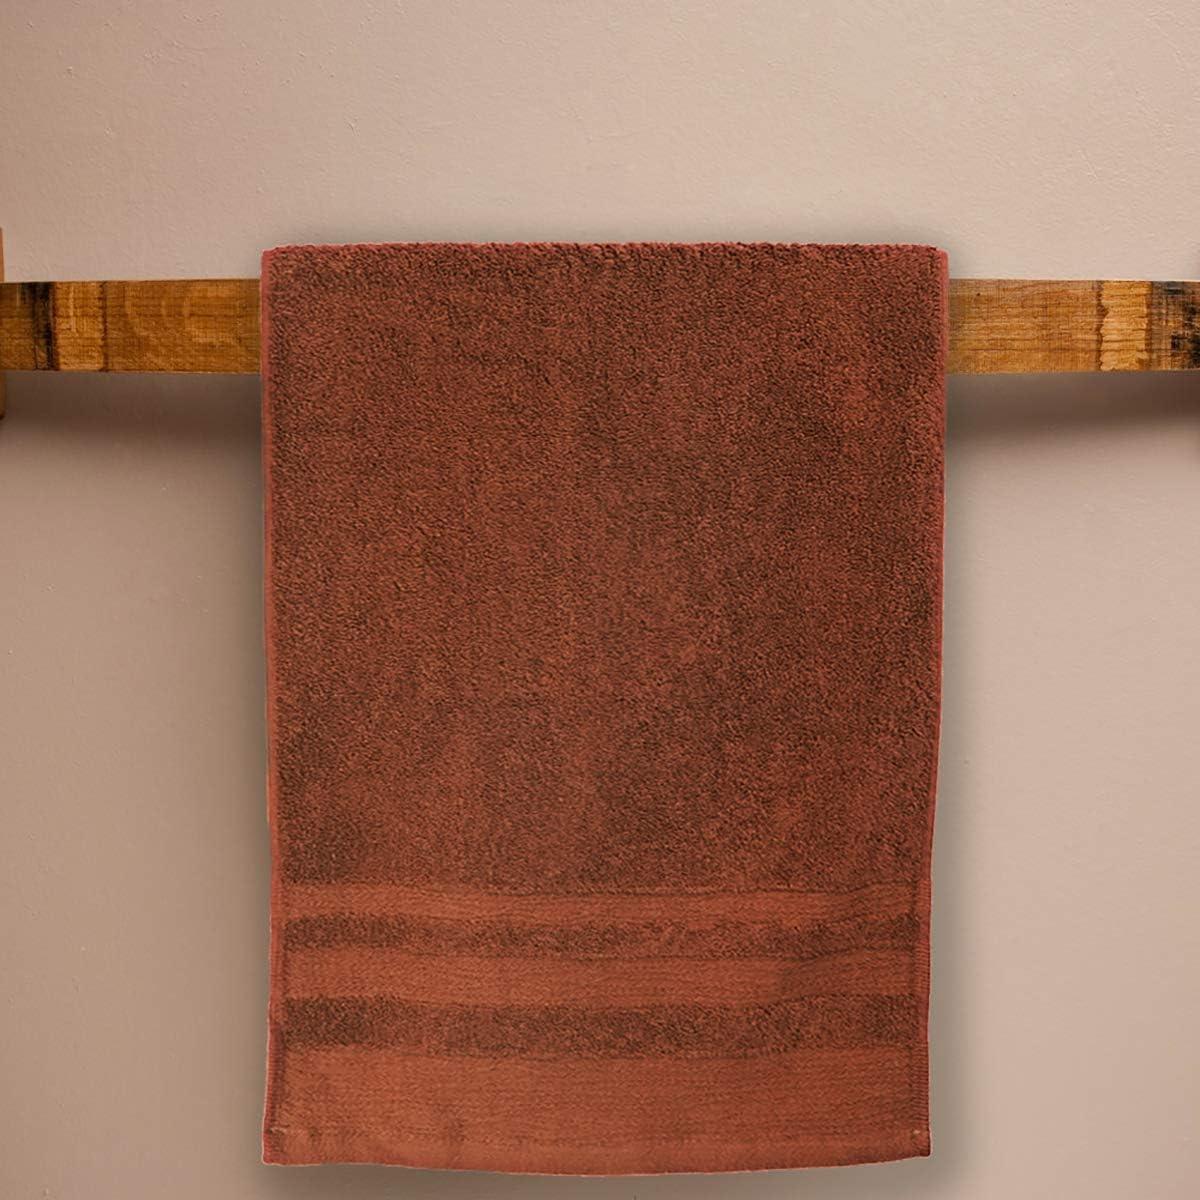 Bath Sheet Ecru 100/% cotone egiziano. 700 g//mq 90x150cm Asciugamani morbidi